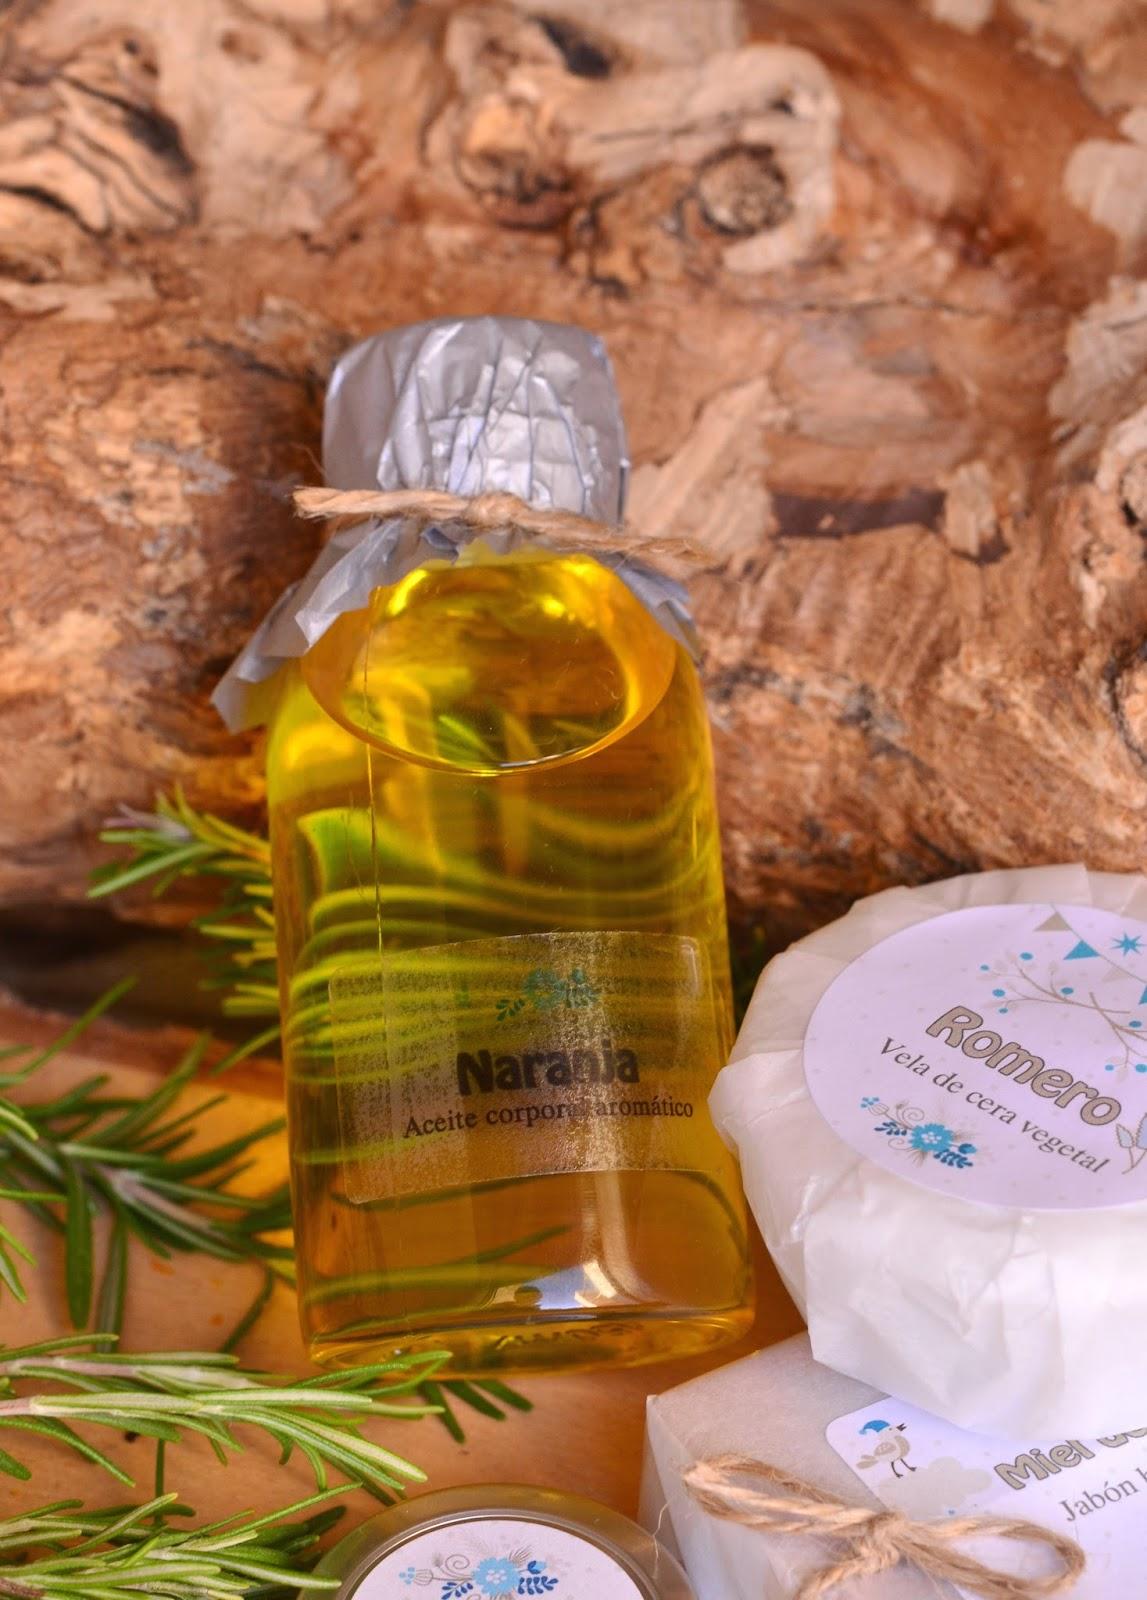 regalos navidad aceites corporales aromaticos